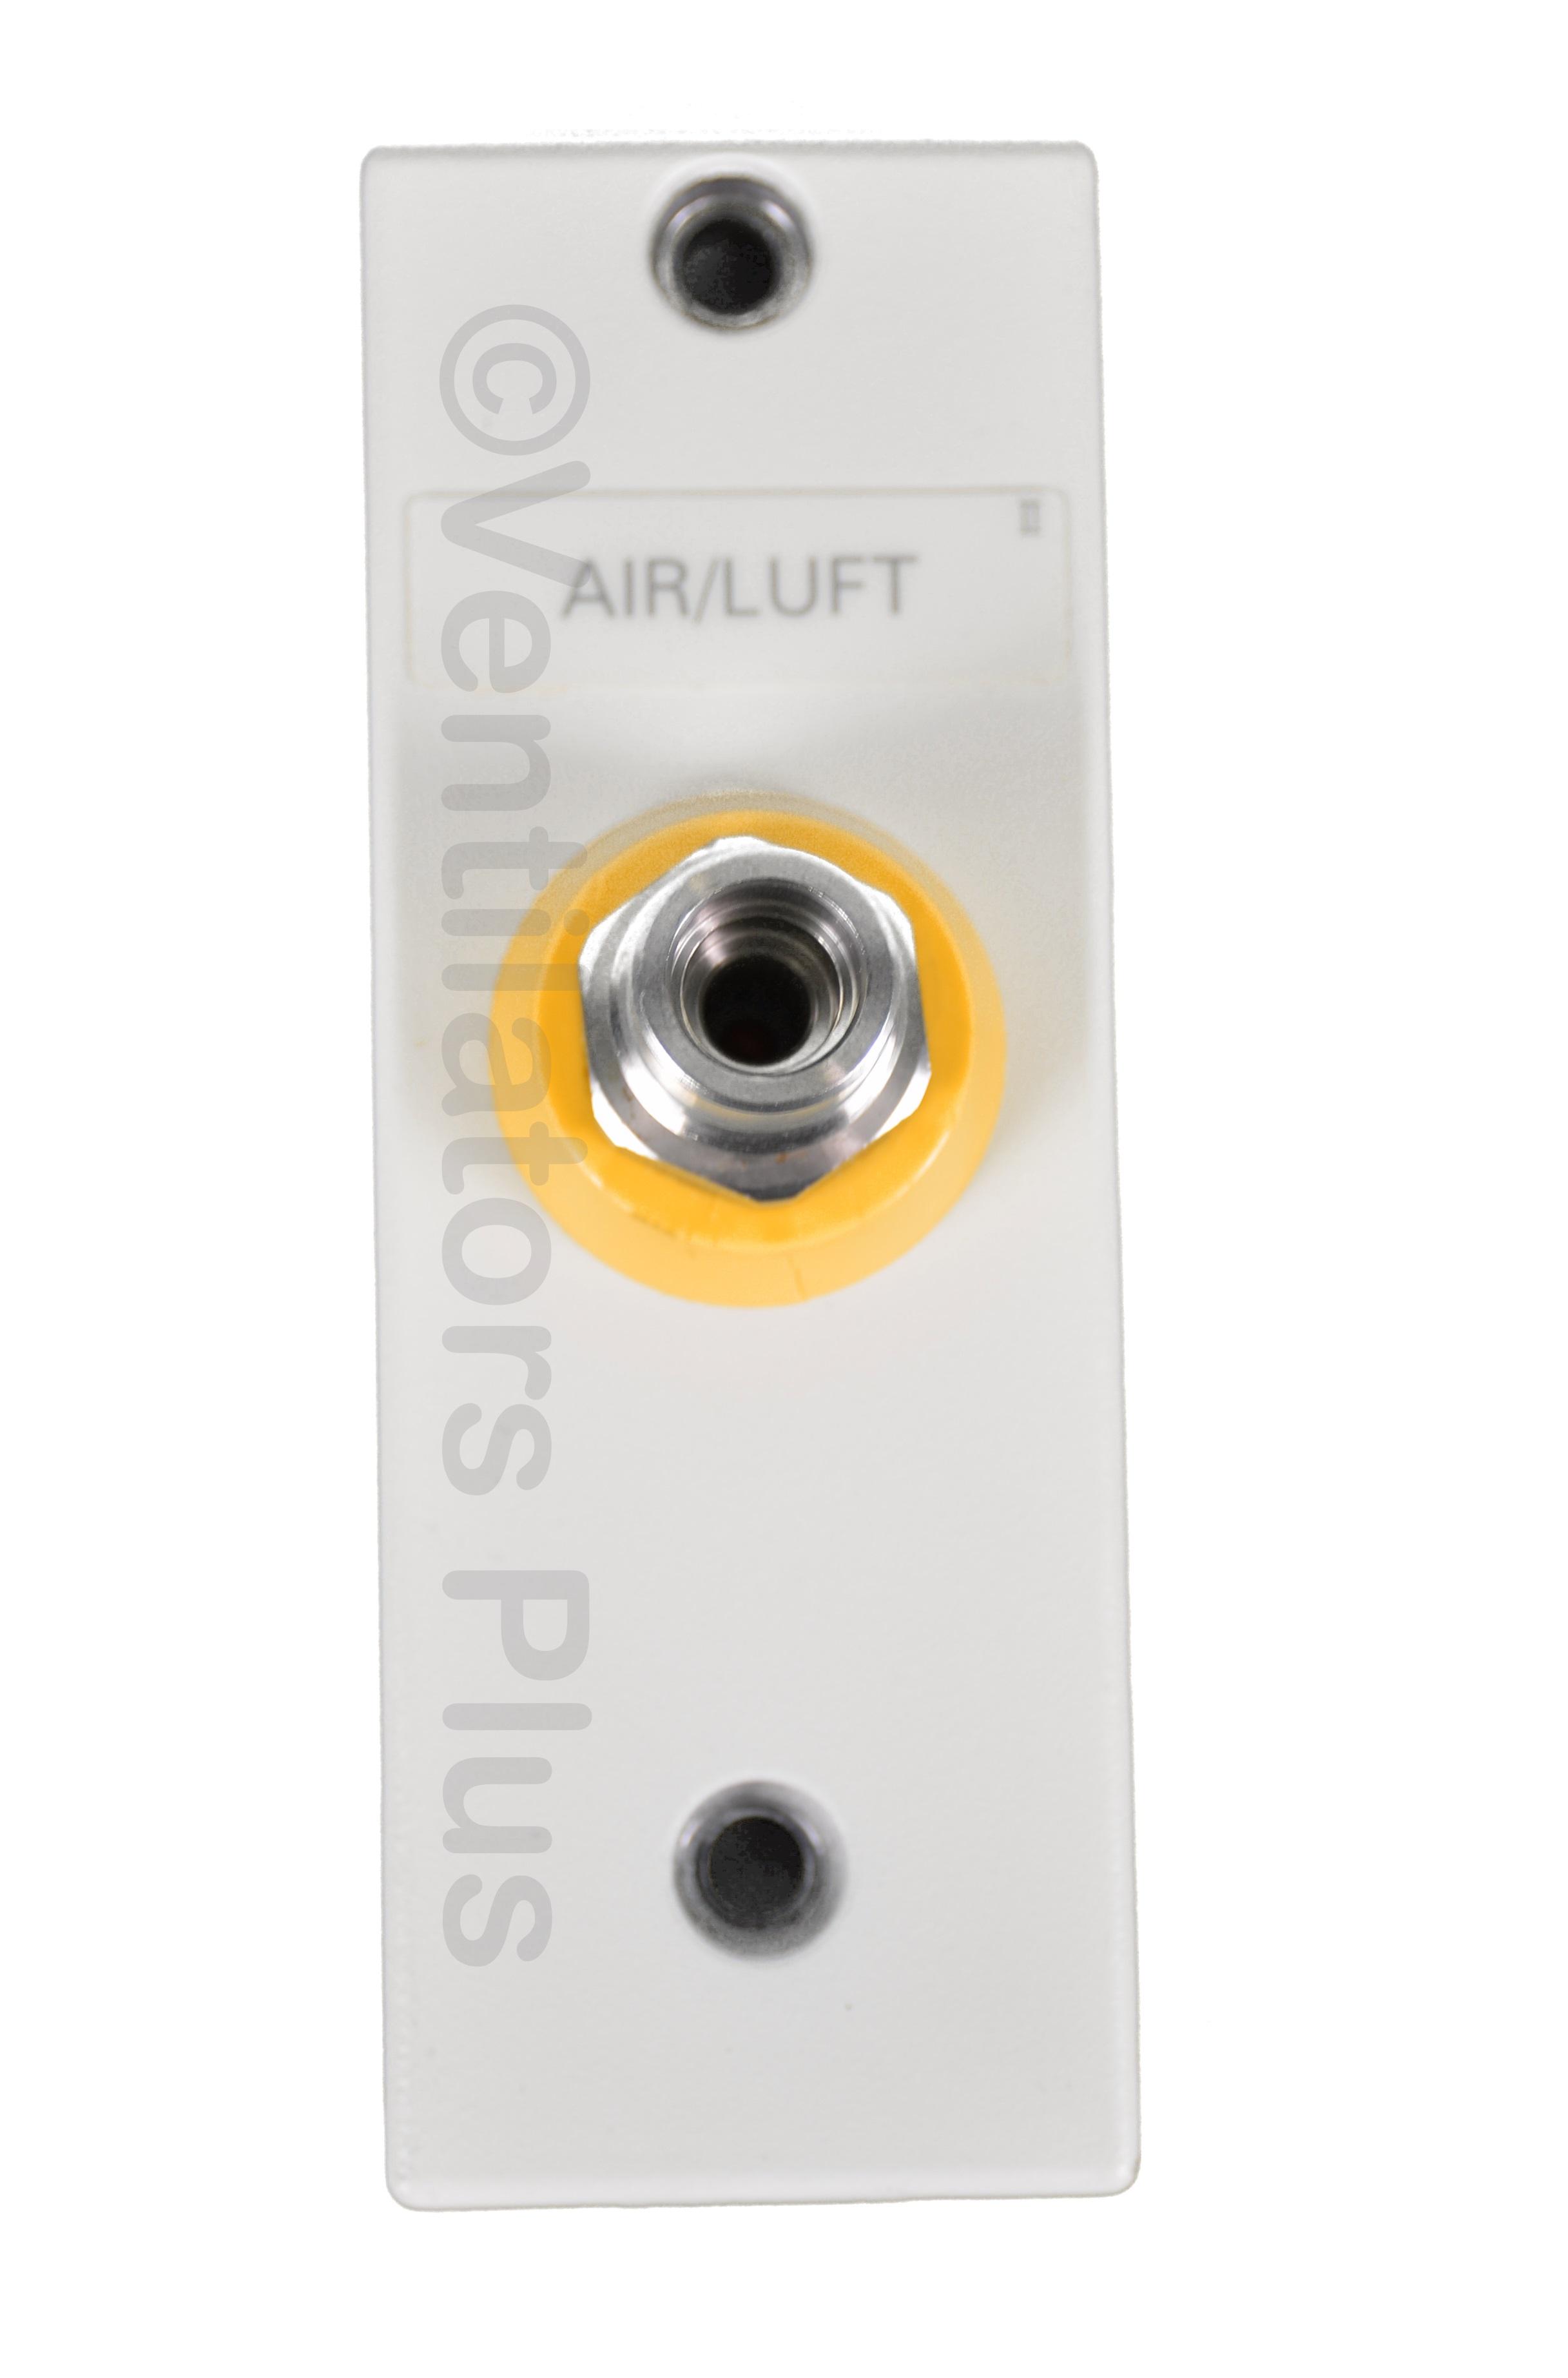 maquet servo s ventilator user manual